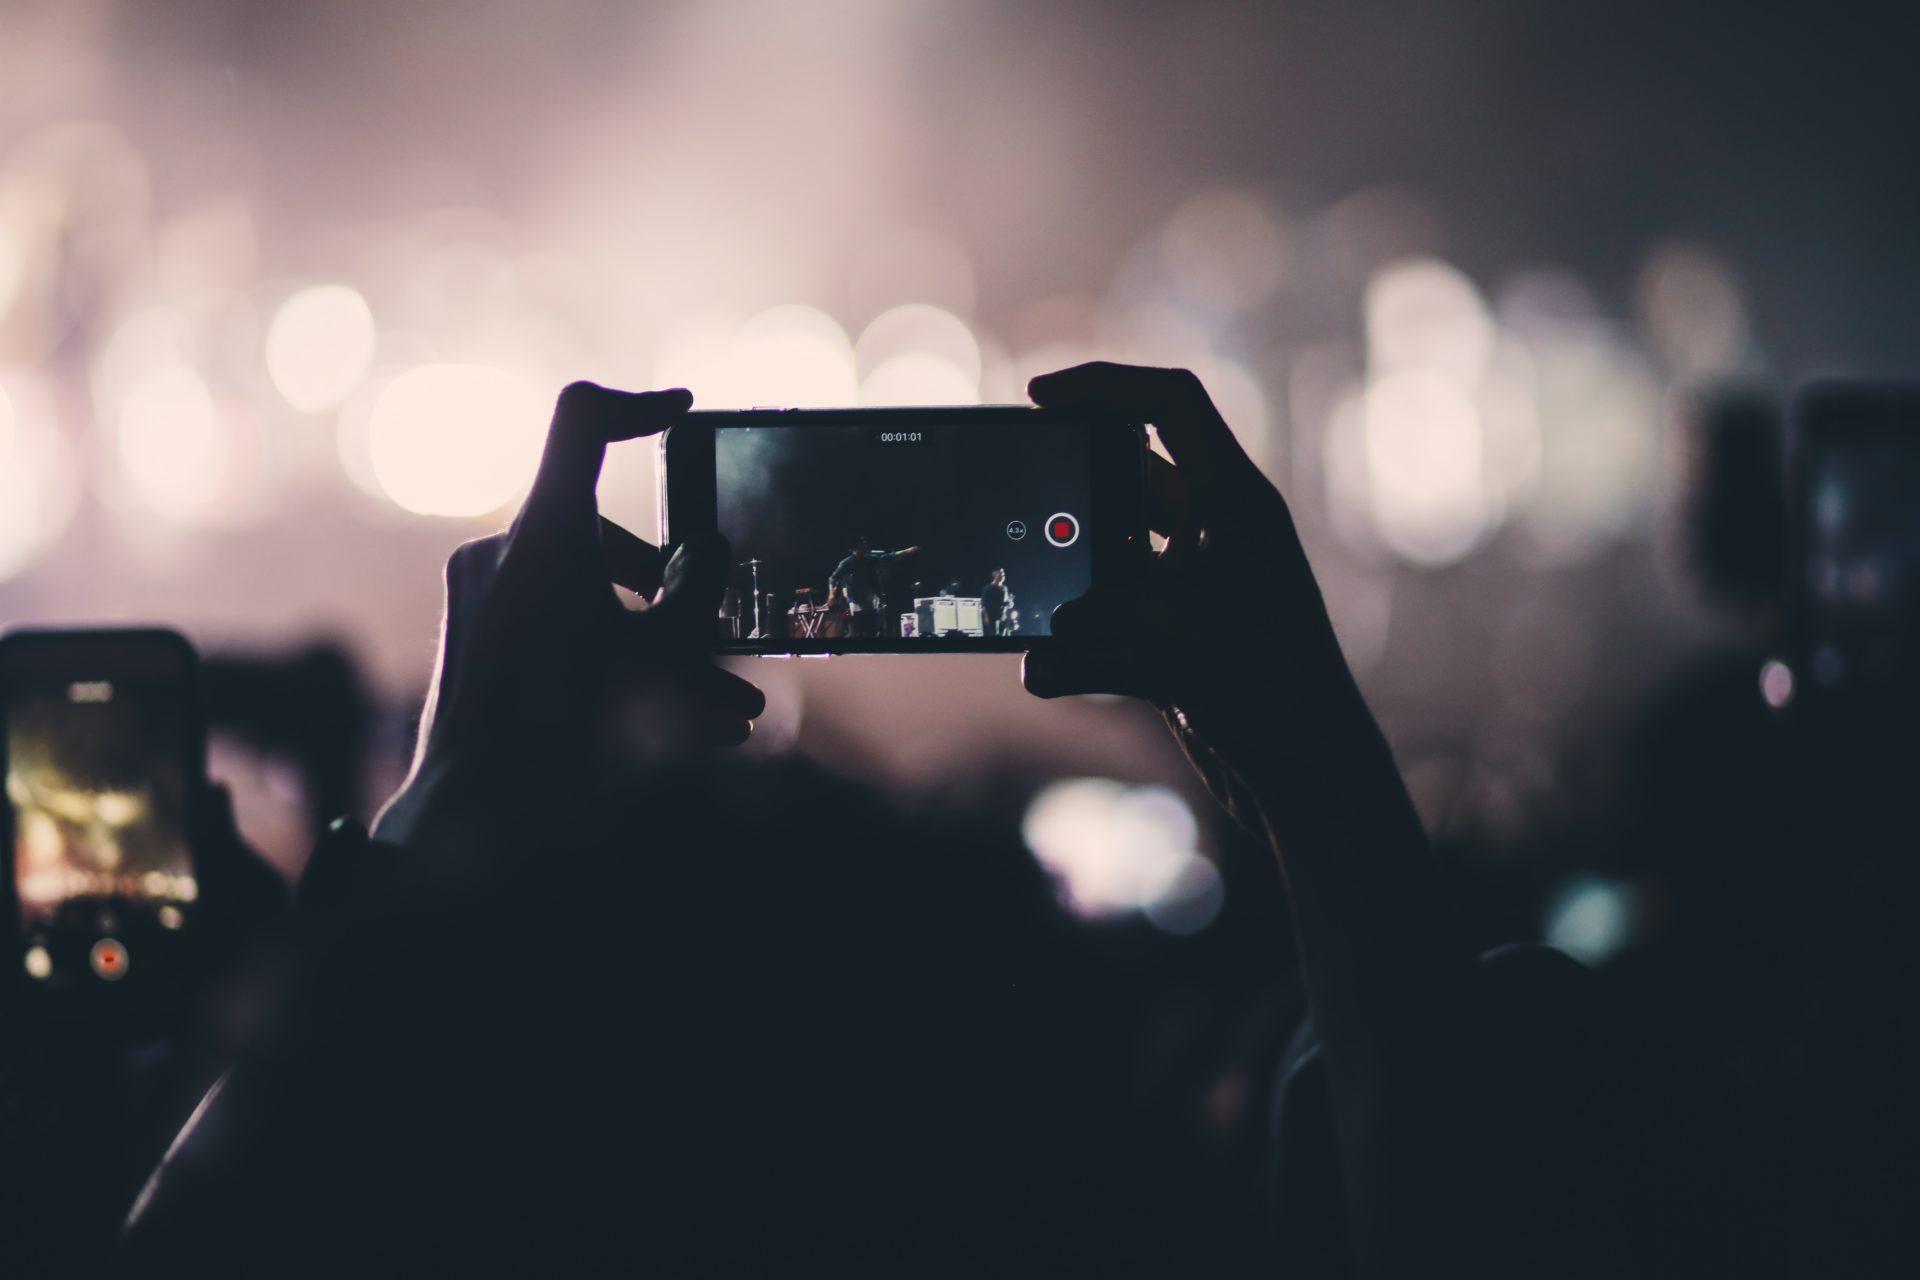 Programe de făcut video din poze cu muzică, scris și efecte speciale